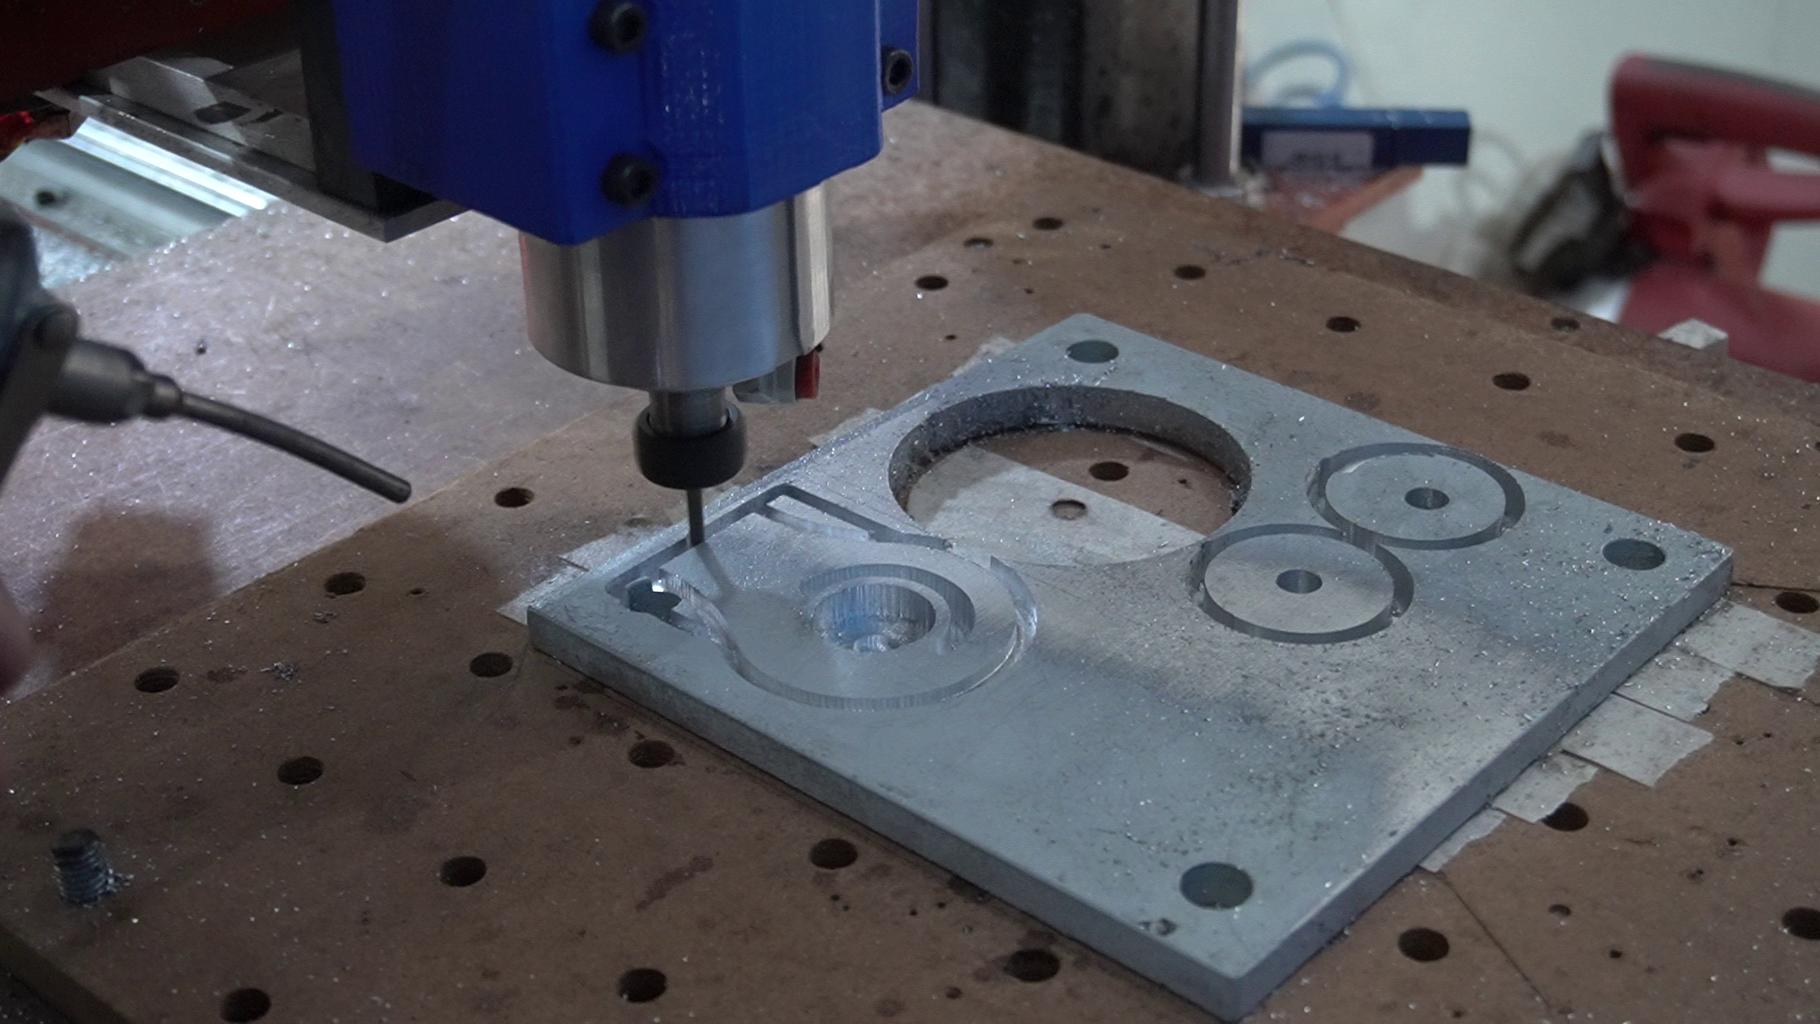 Machining the Aluminium to Make Jig